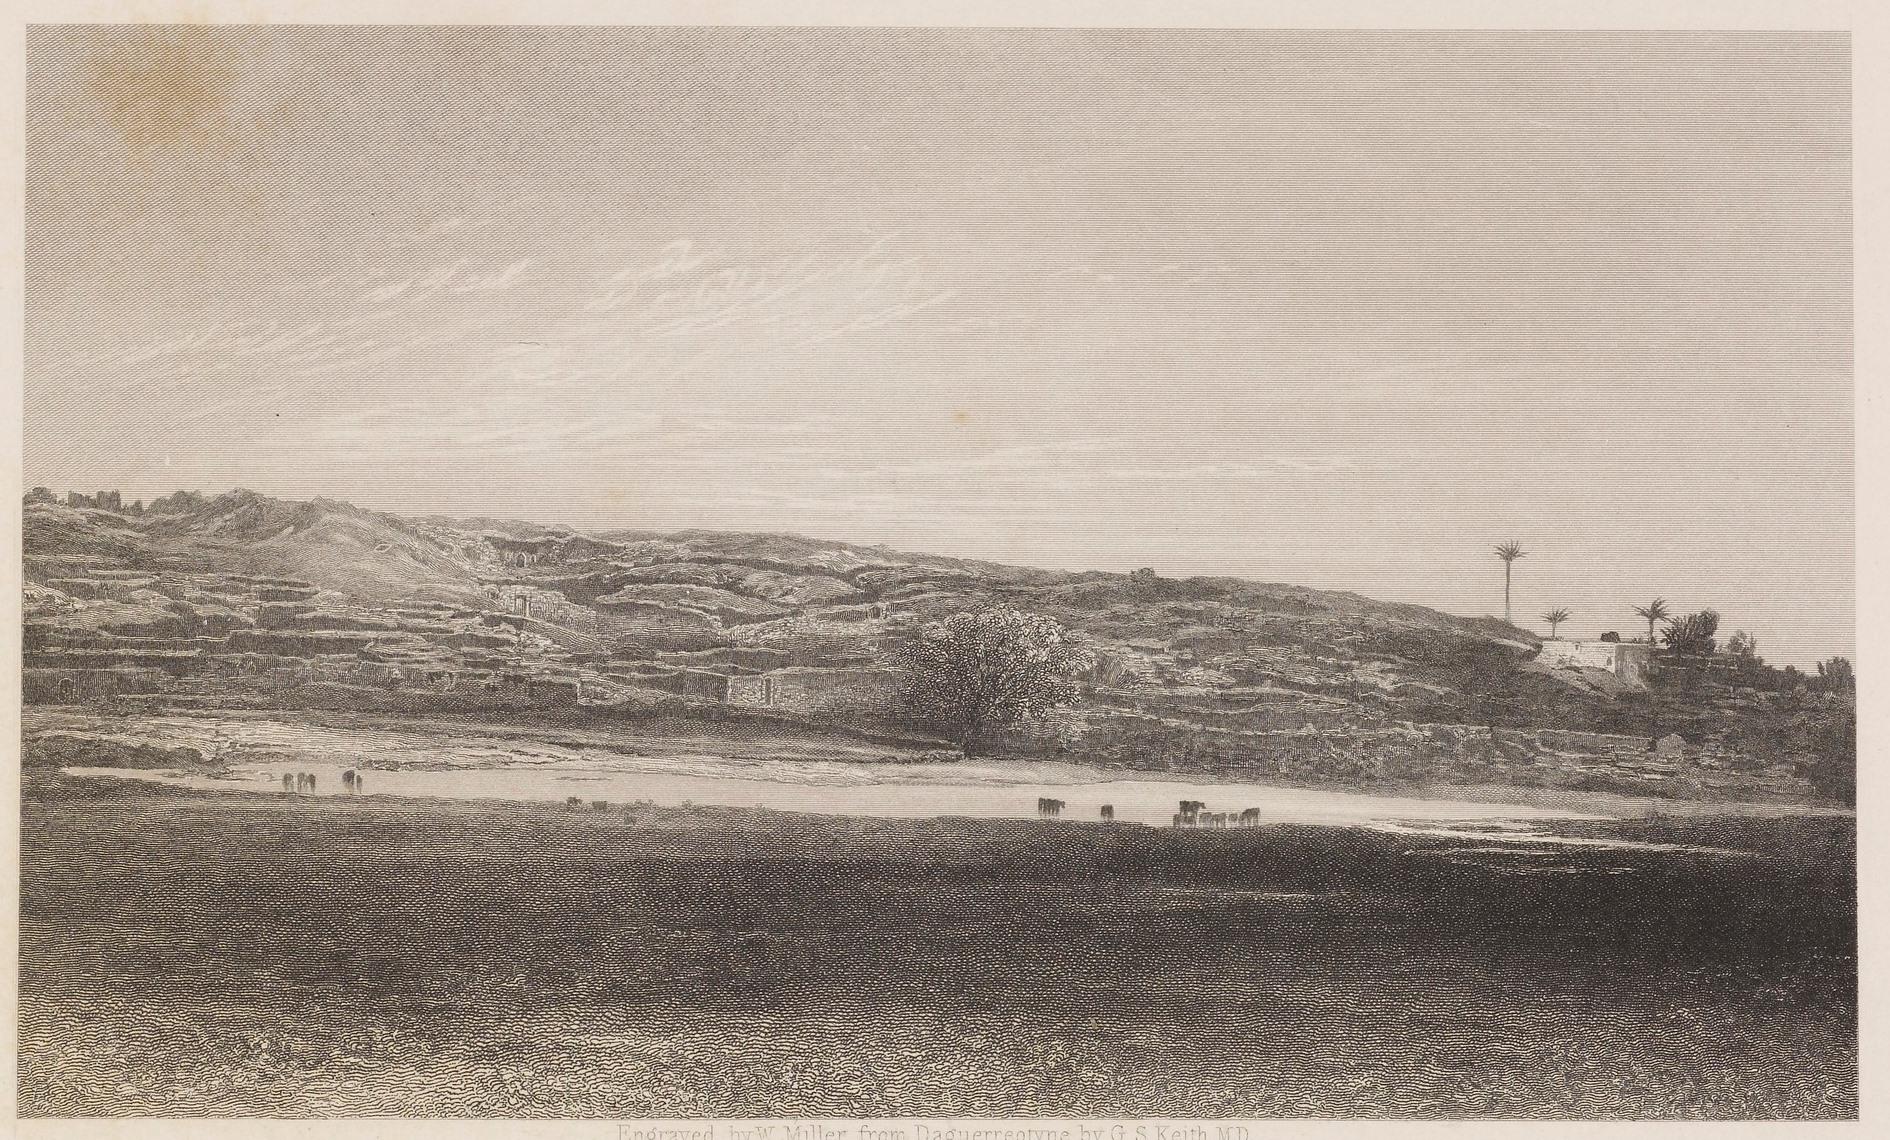 תל אשדוד, תחריט משנת 1844